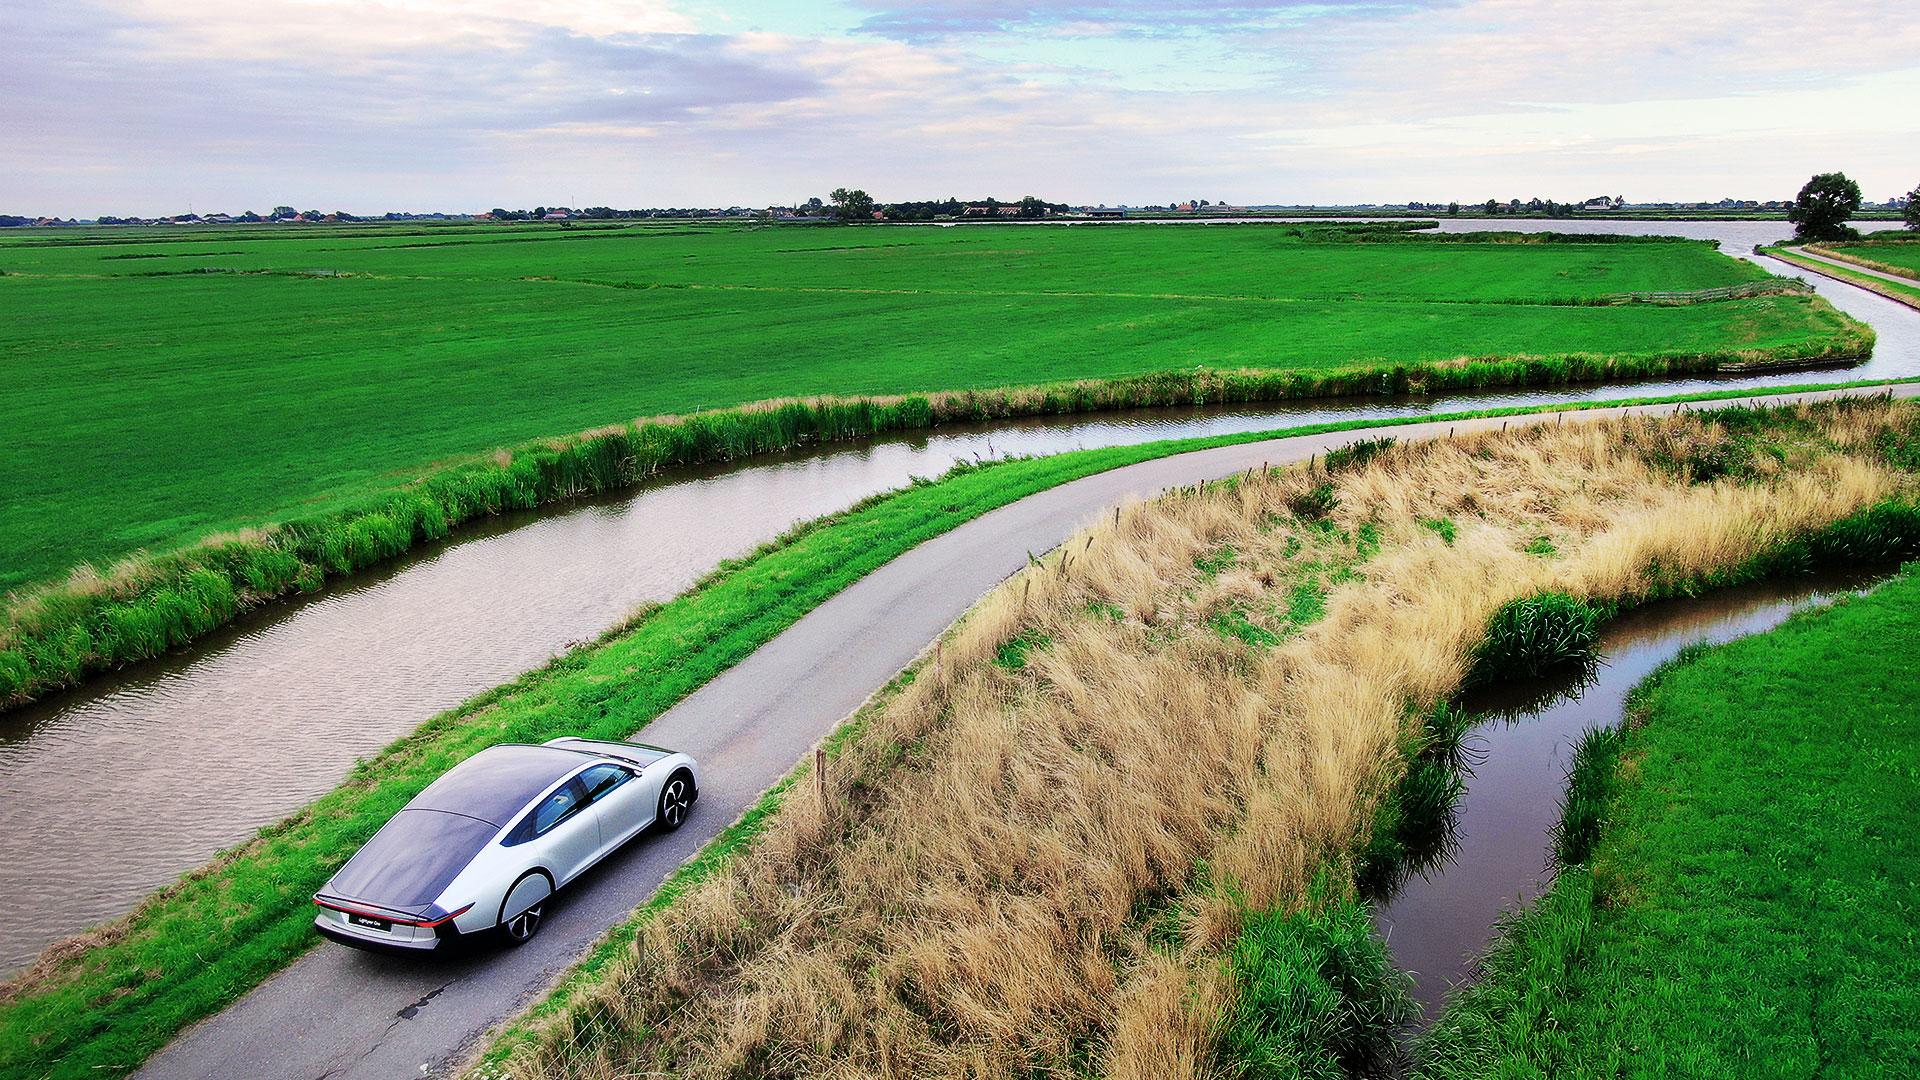 Nederland erkent efficiënte elektrische auto's als oplossing voor klimaatambitie